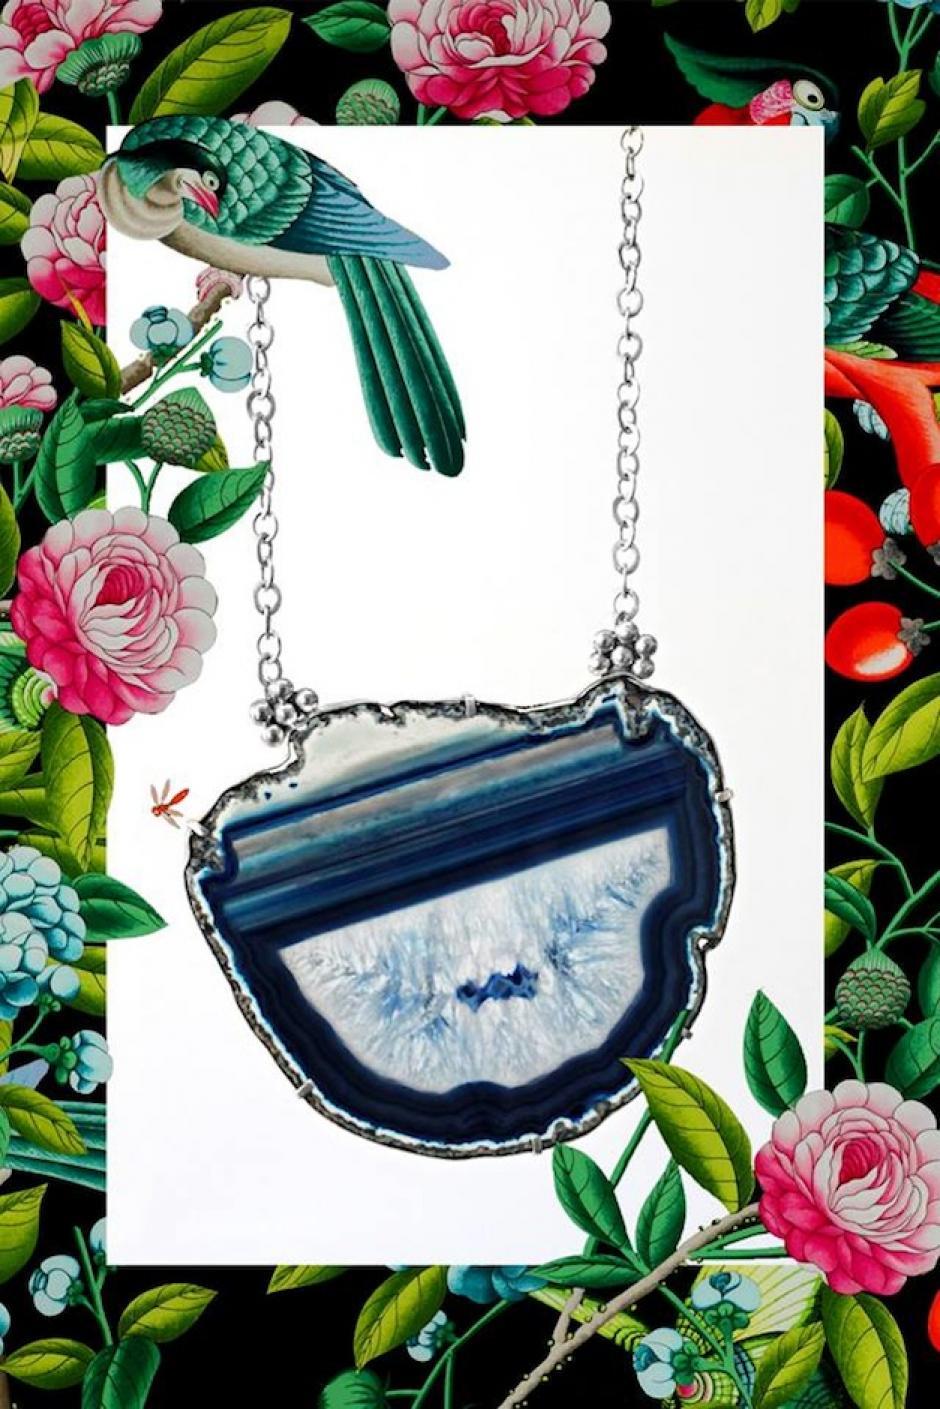 """""""La sinrazón"""" es un medallón de ágata azul enmarcado en una base de plata con cadena de aluminio. (Foto: Escarlata oficial)"""